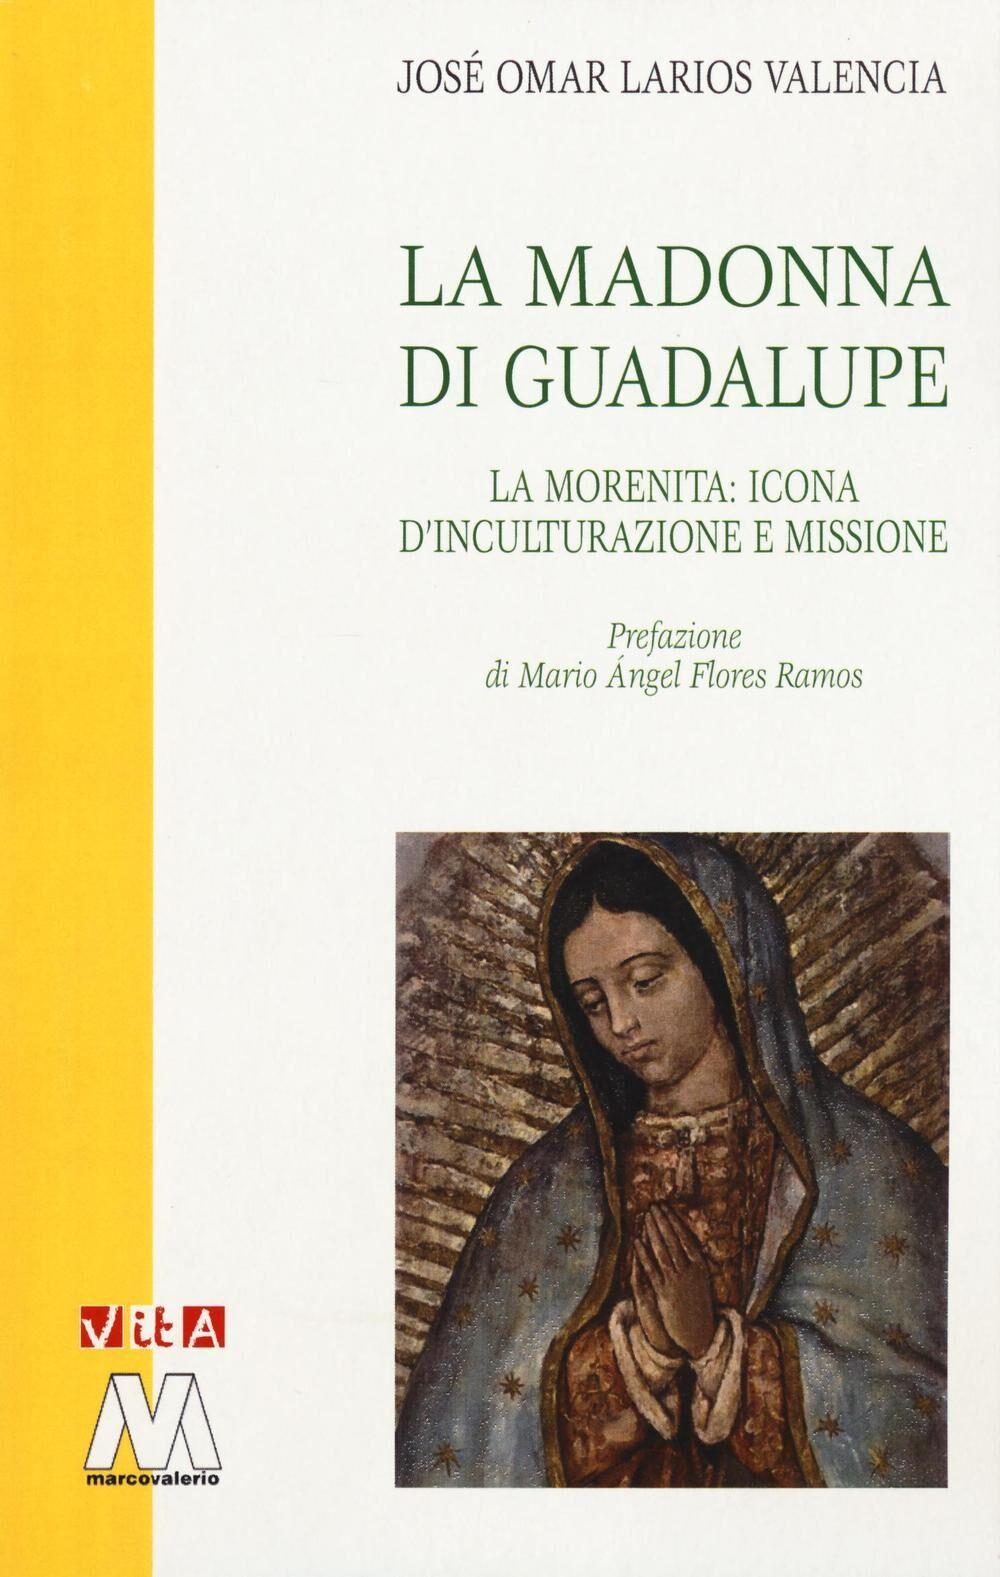 La Madonna di Guadalupe. La Morenita: icona d'inculturazione e missione